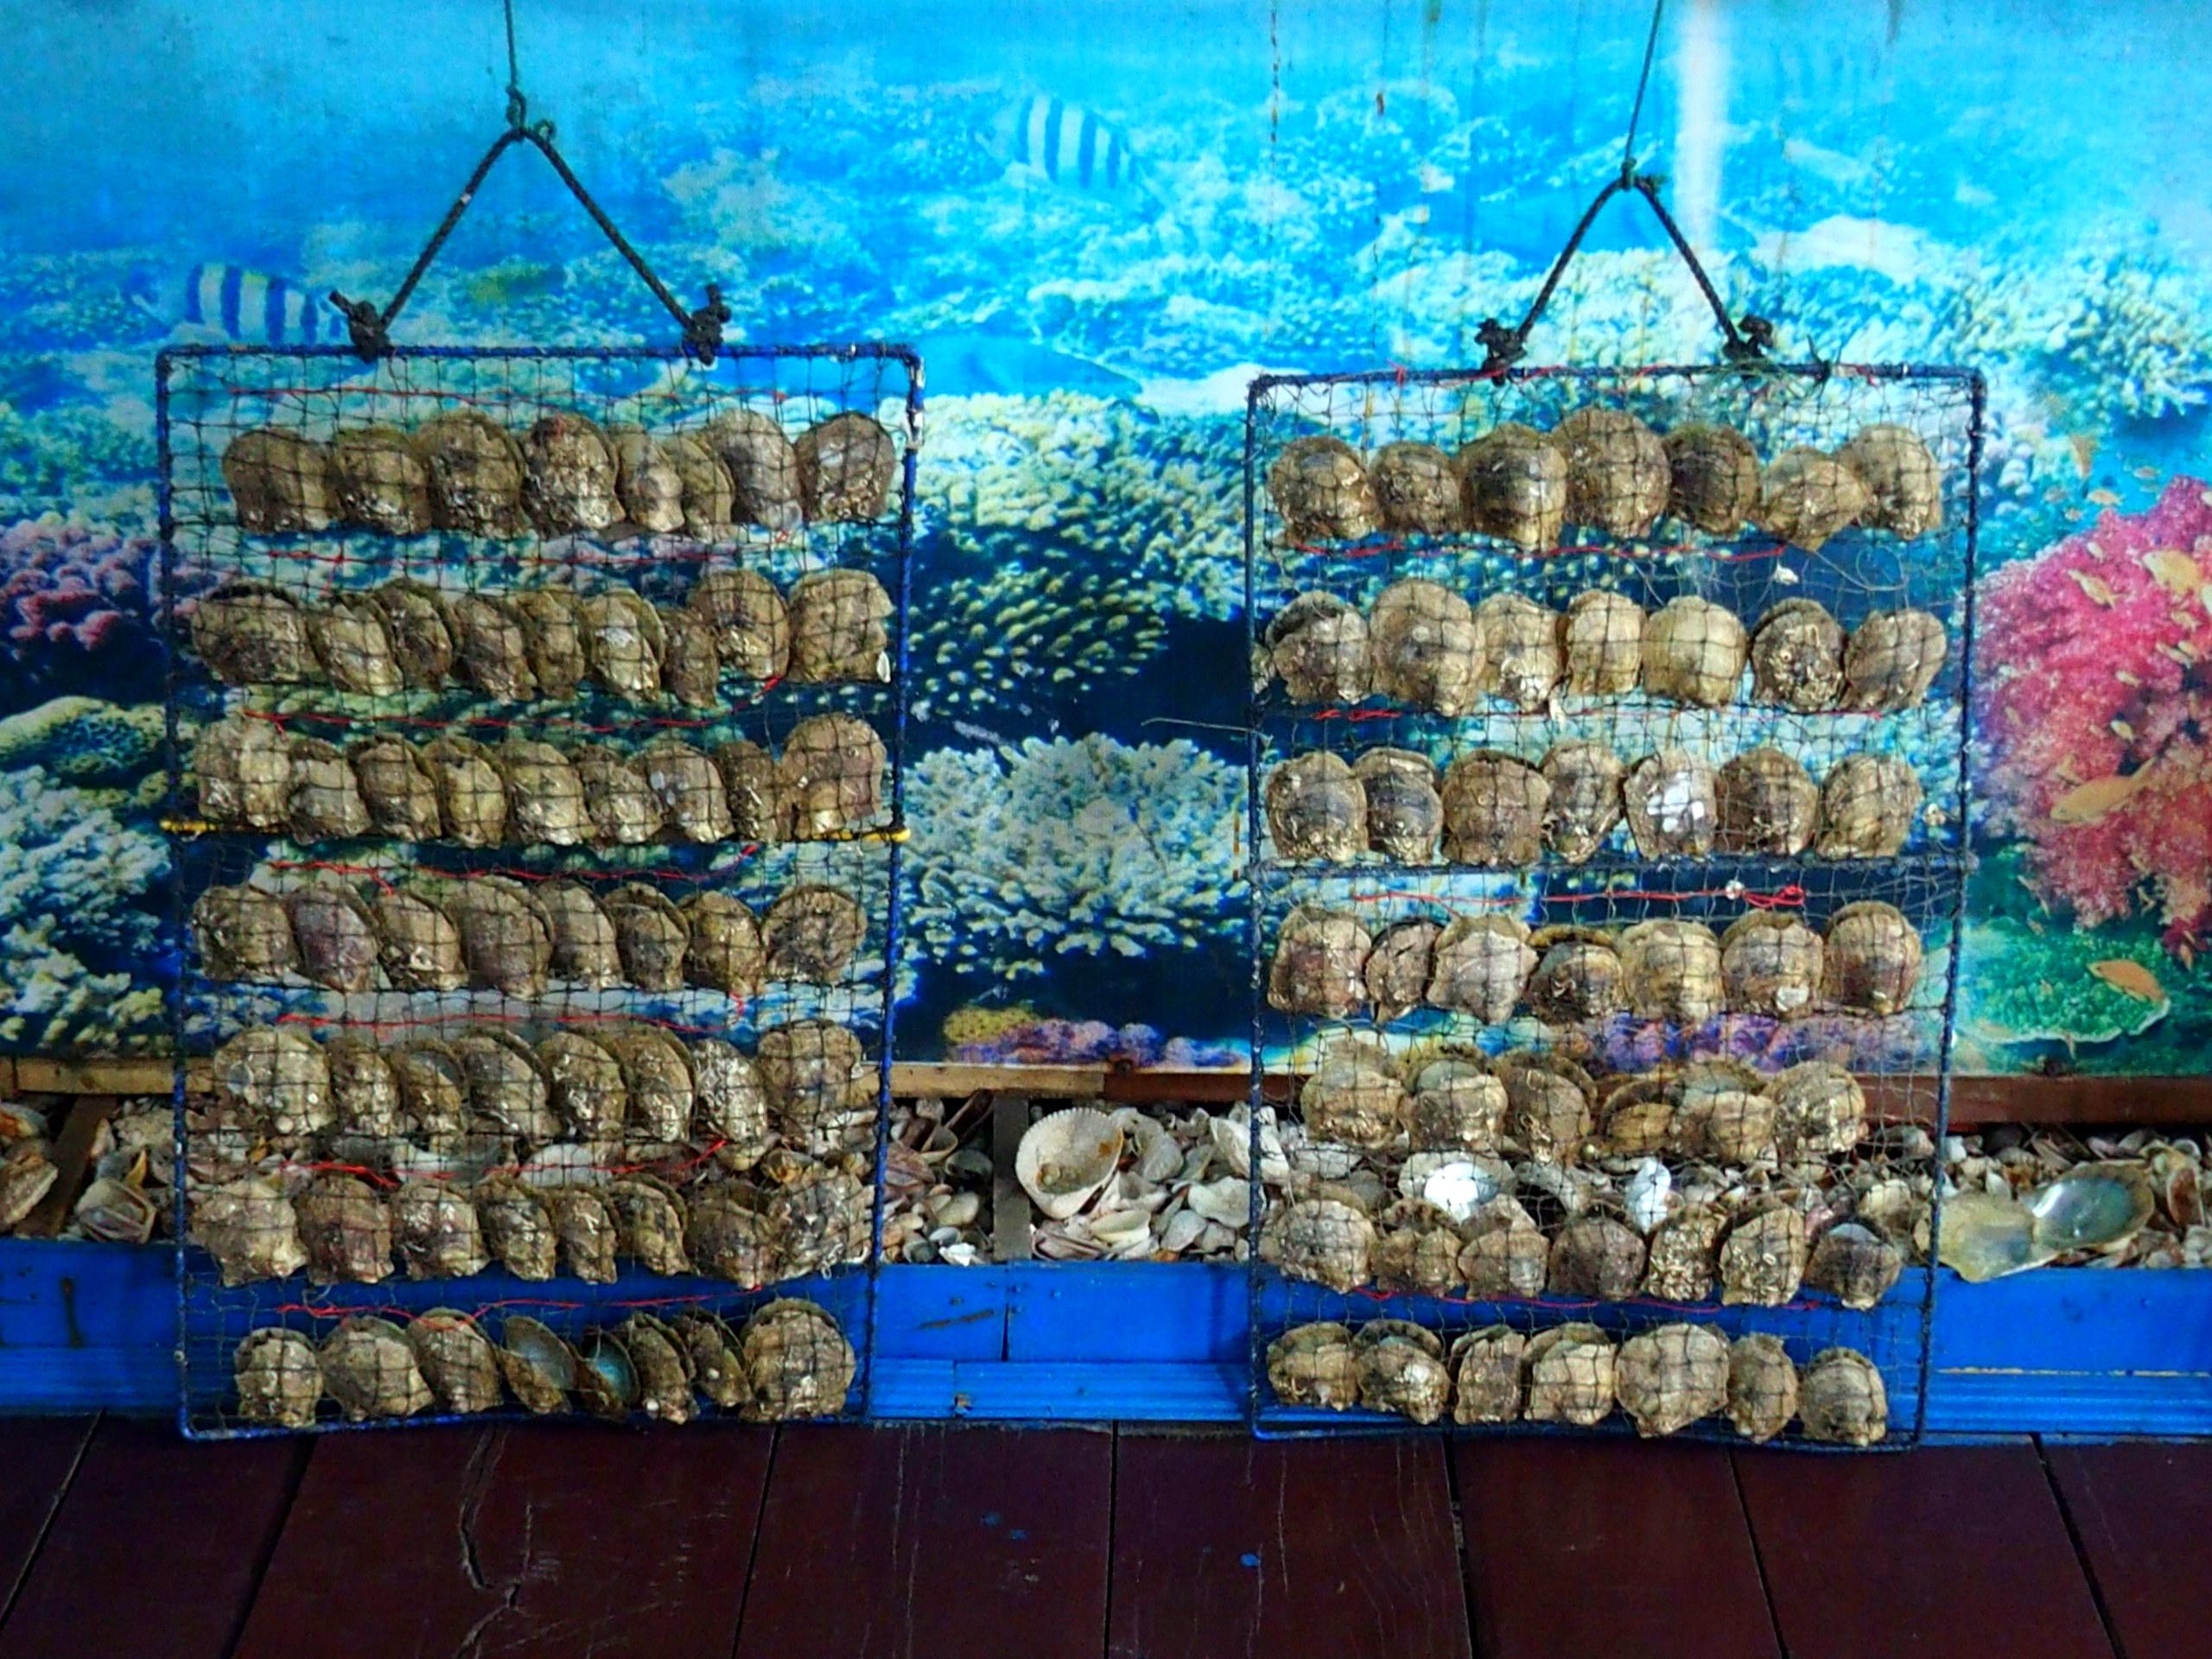 Entrée ferme perlière baie d'Halong souvenirs du Vietnam